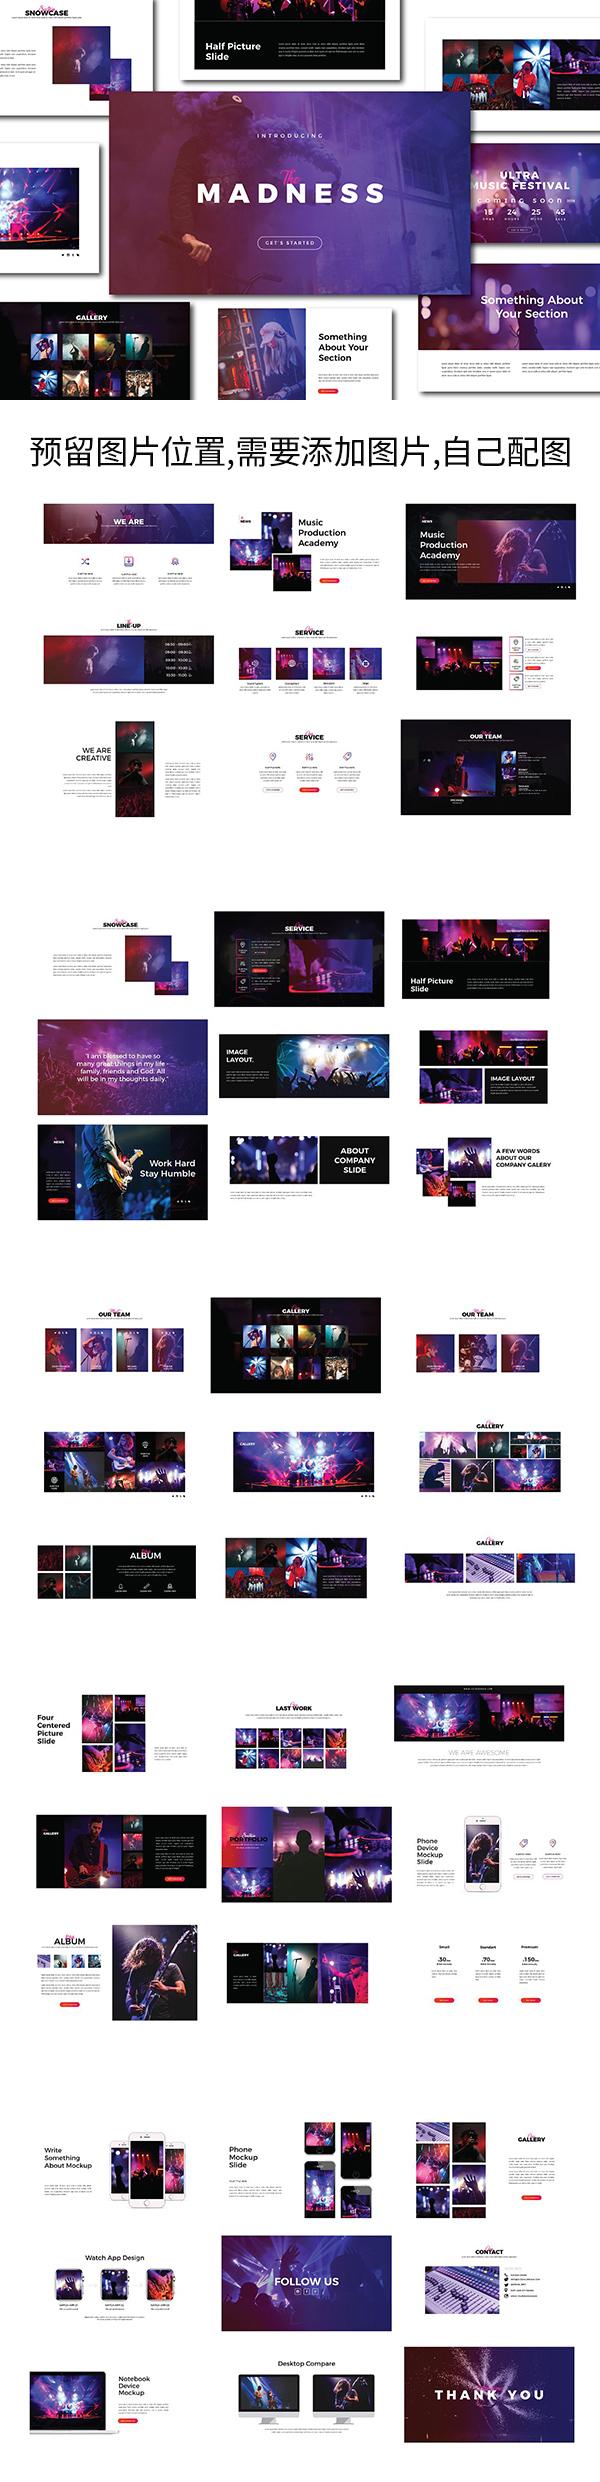 紫色系PPT模板